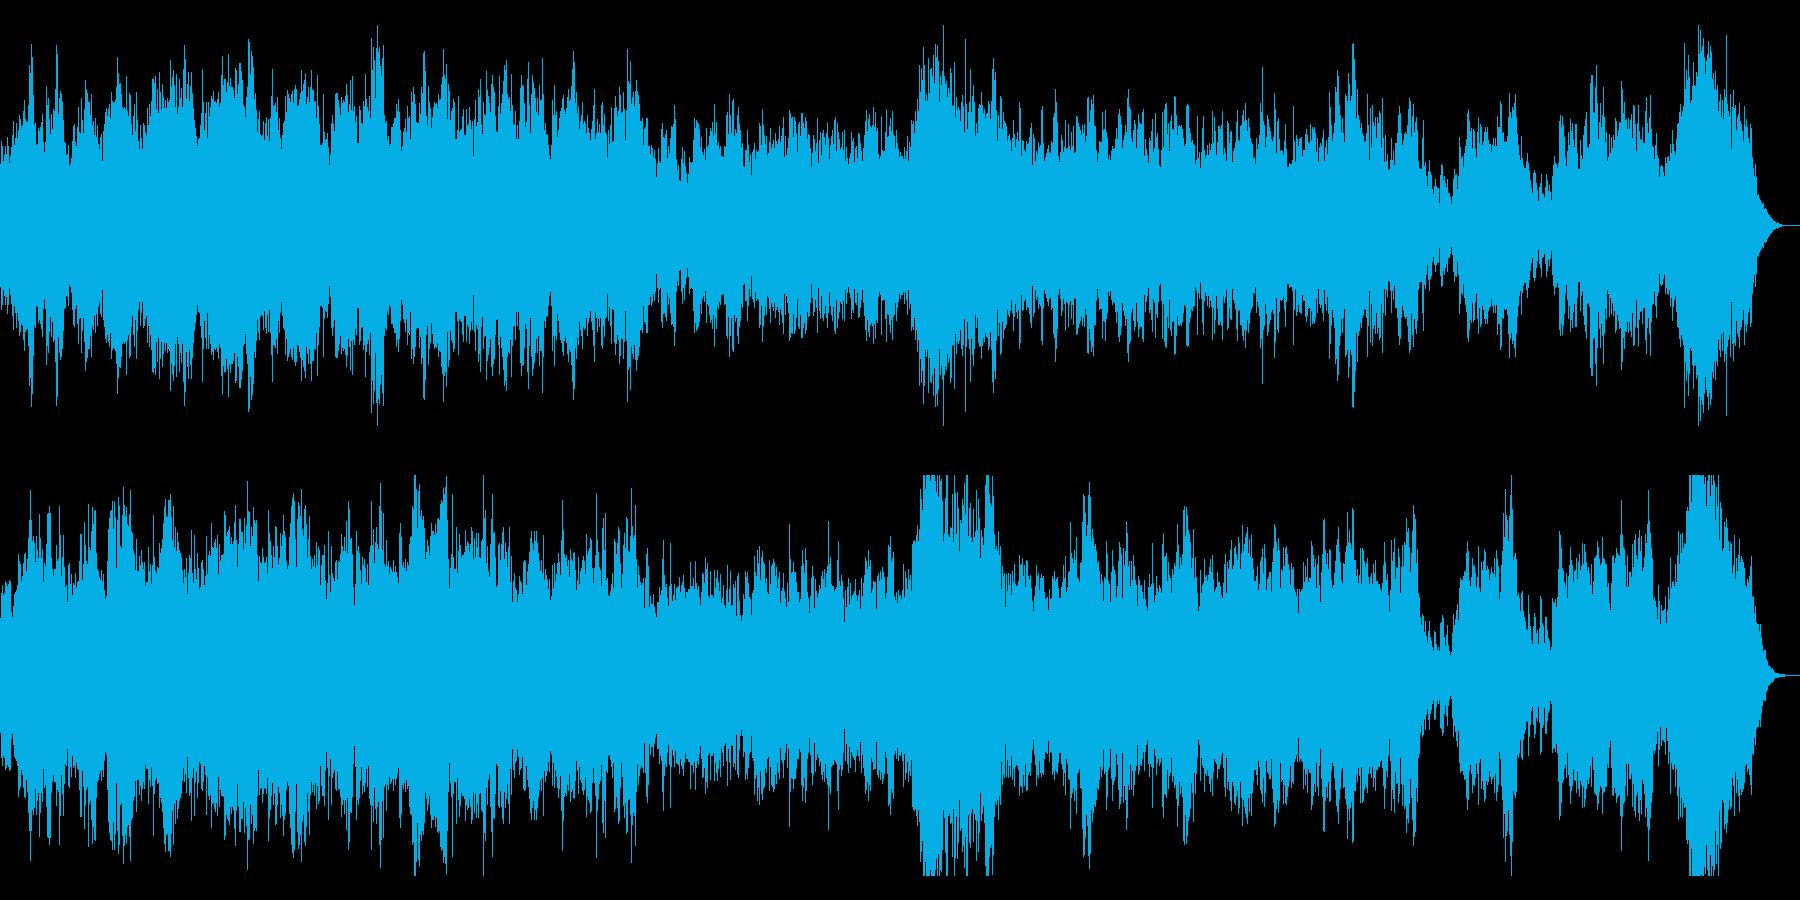 ホラー系 ダークなオーケストラBGMの再生済みの波形